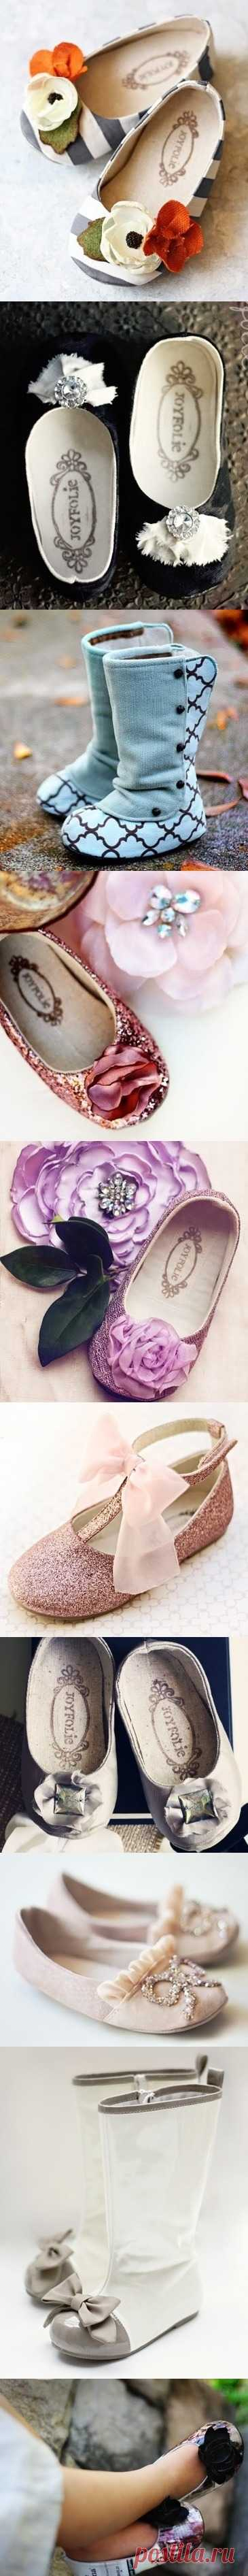 Восхитительная обувь для малышки-принцессы